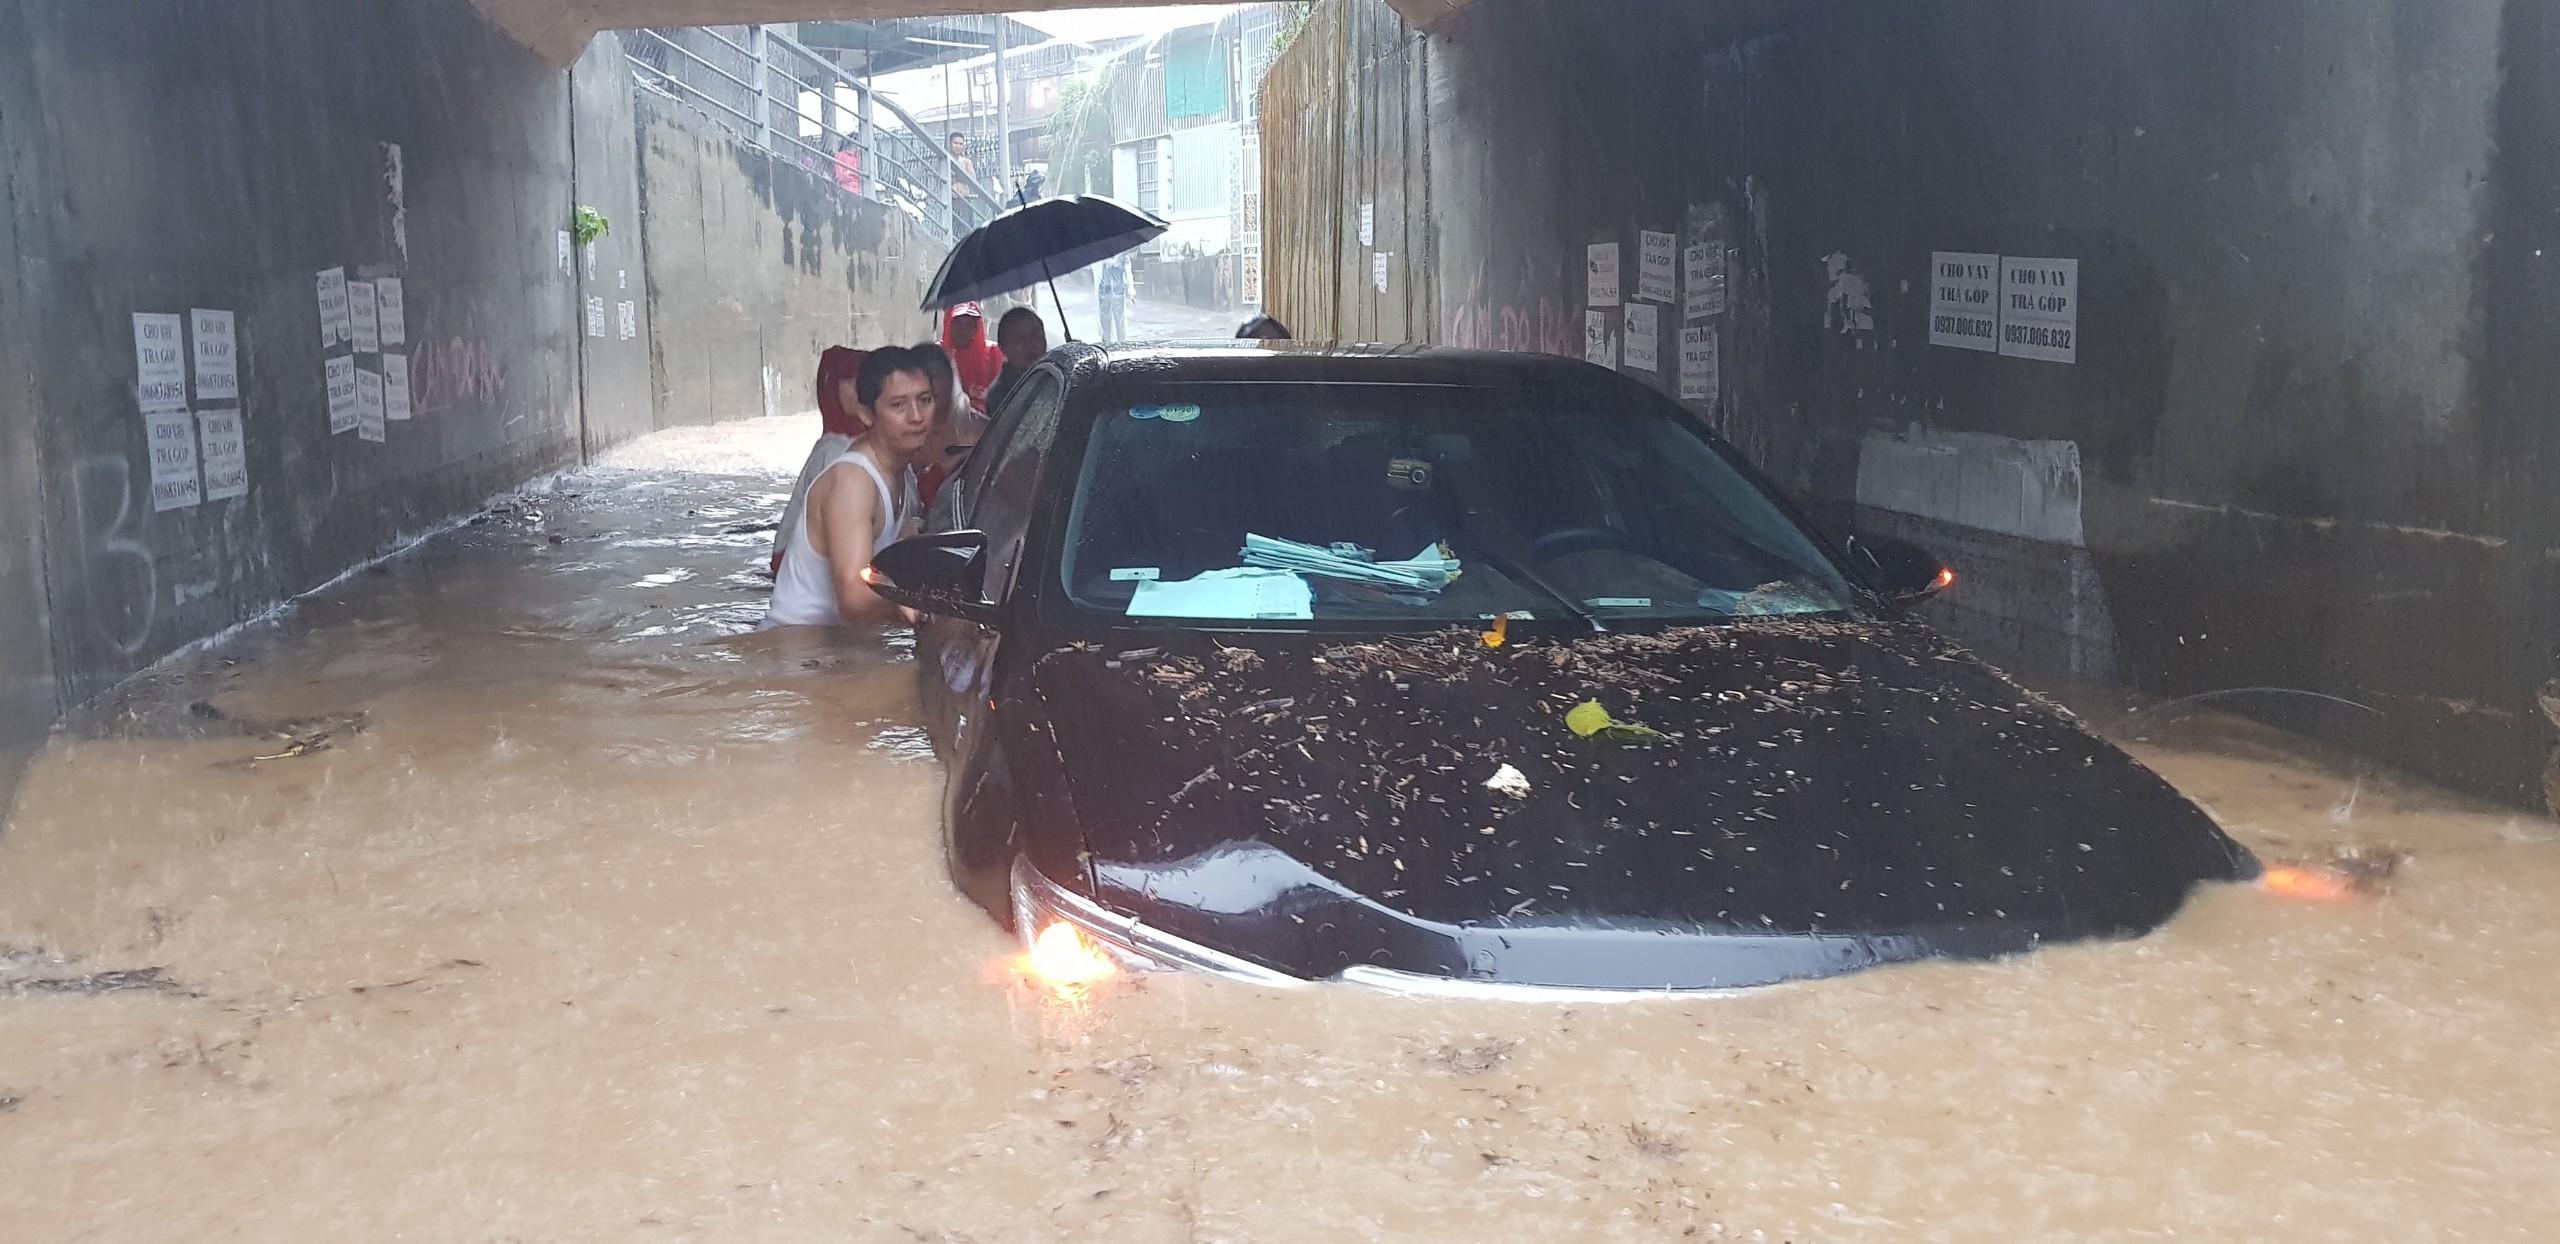 Tang thương ở Nha Trang: 12 người chết, xế hộp chìm nghỉm trong biển nước